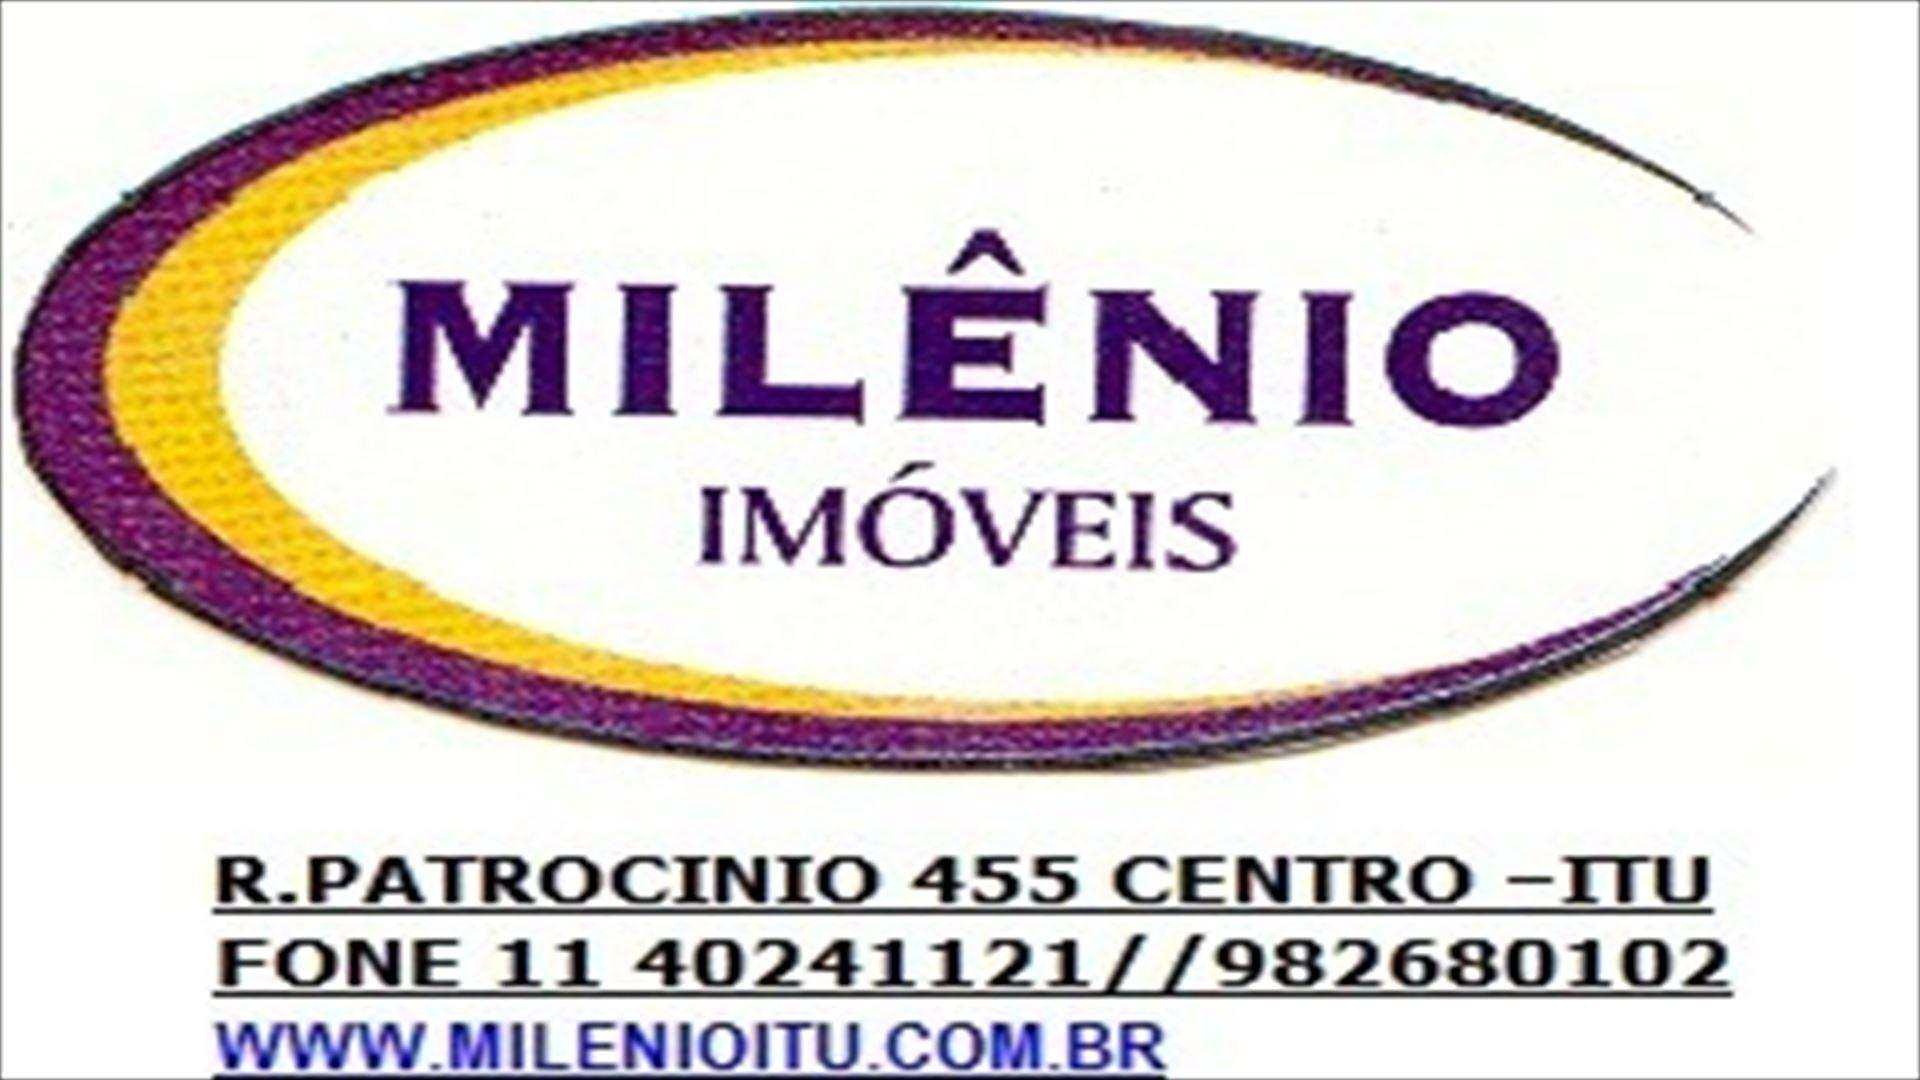 191300-LOGO_TIPO_MILENIO1.jpg